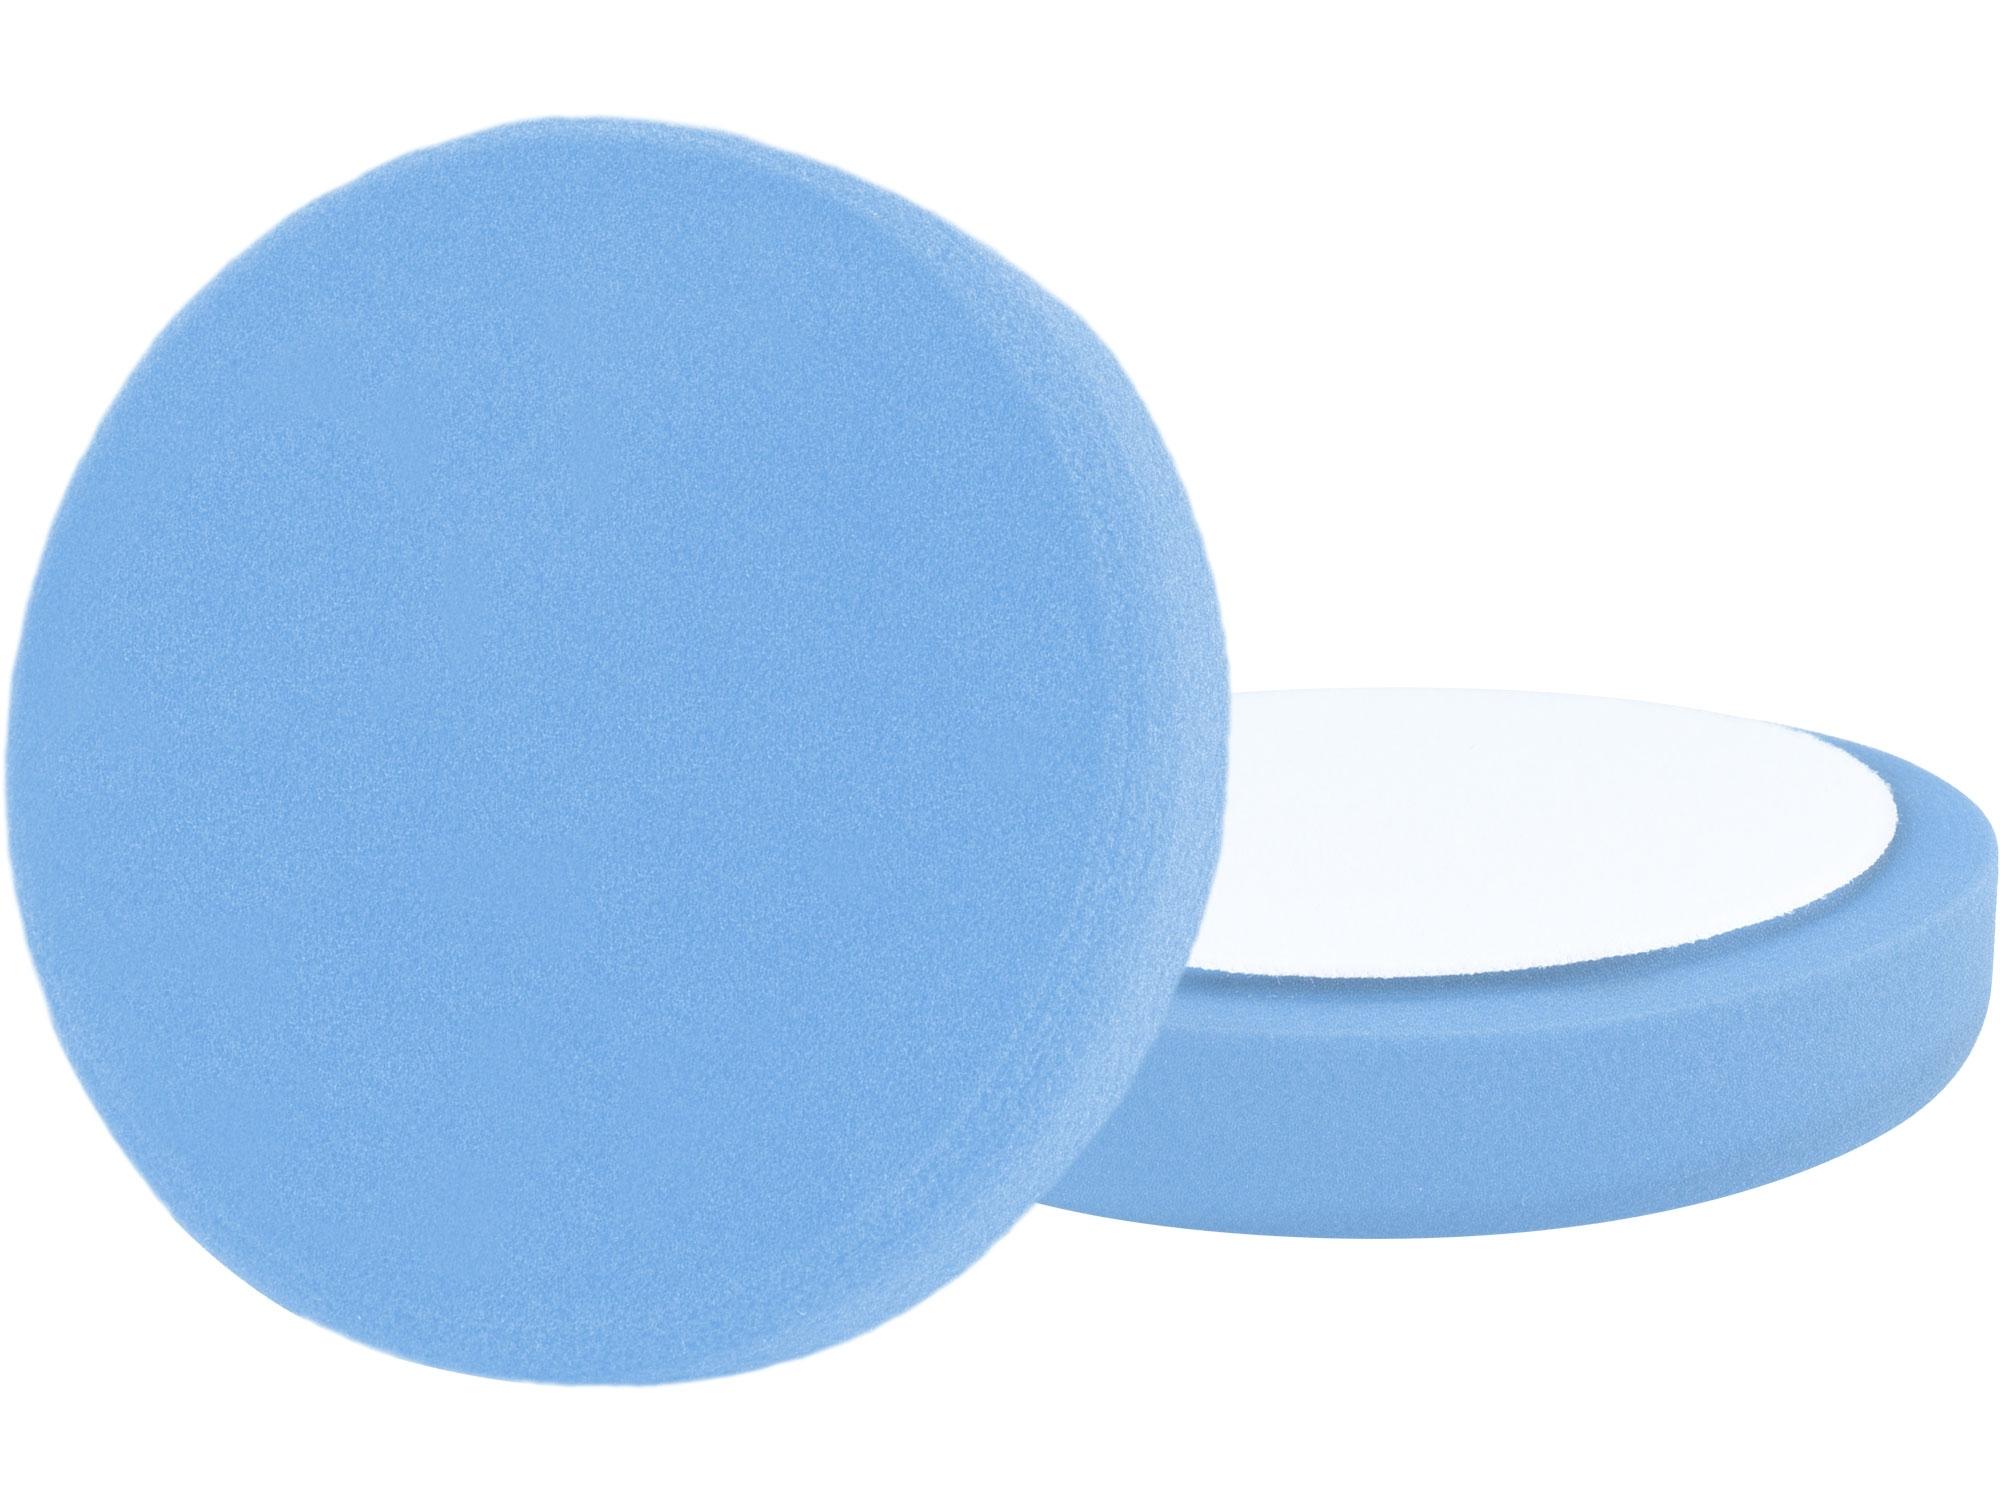 kotouč leštící pěnový, T60, modrý, ⌀180x30mm, suchý zip ⌀150mm